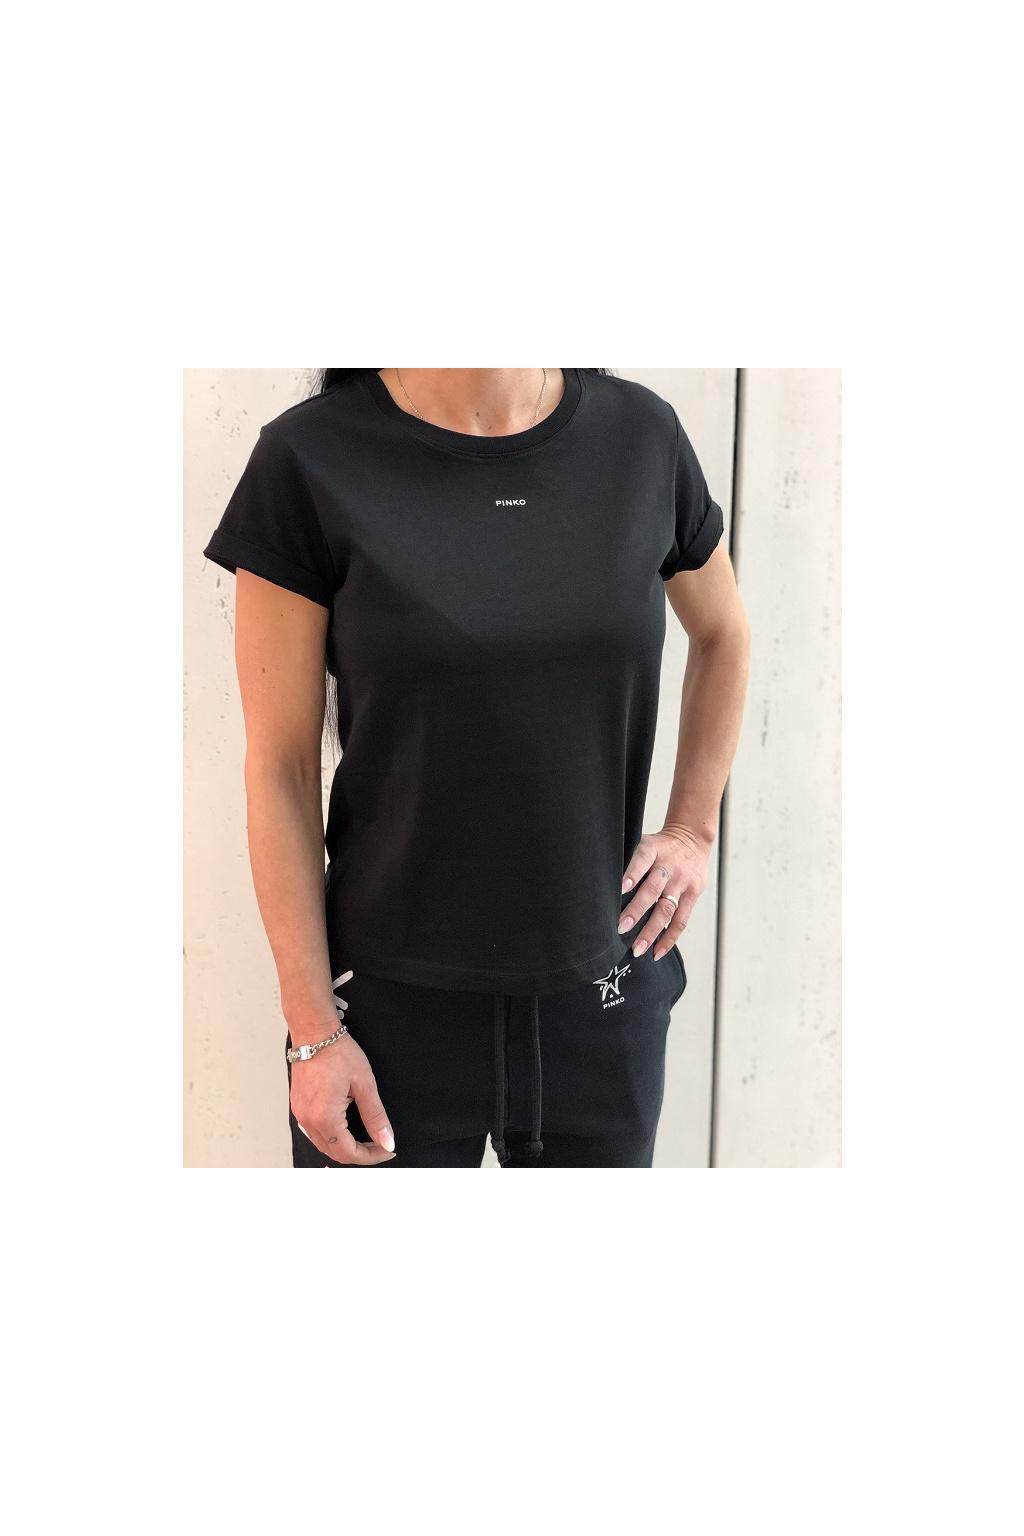 1G1649 Y4LX Z99 Dámské tričko Pinko Basico černé